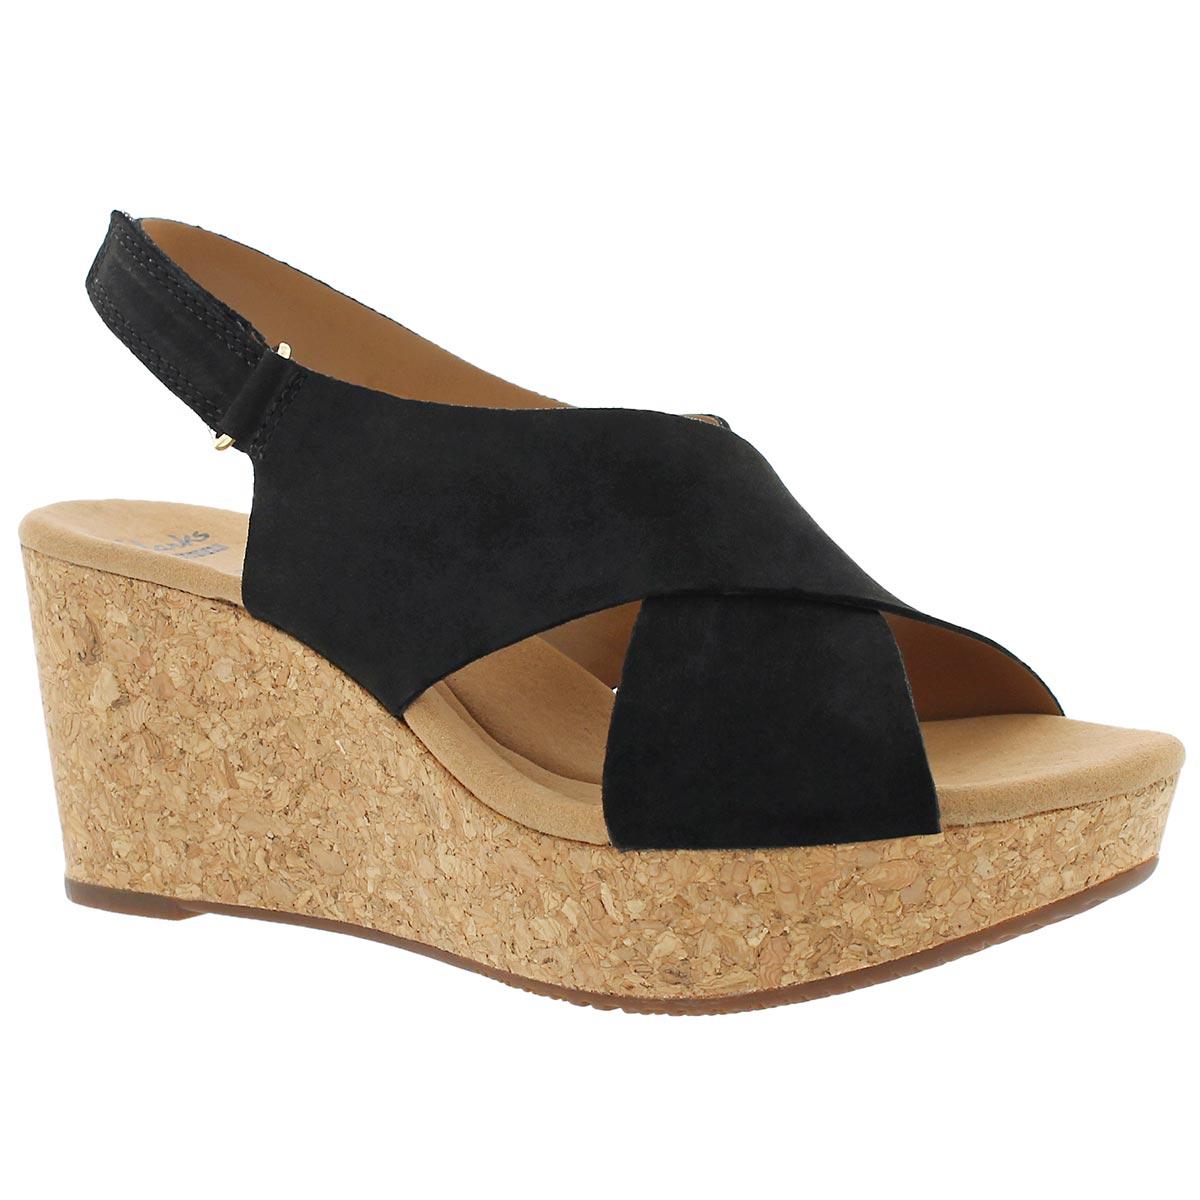 Women's ANNADEL EIRWYN black wedge sandals